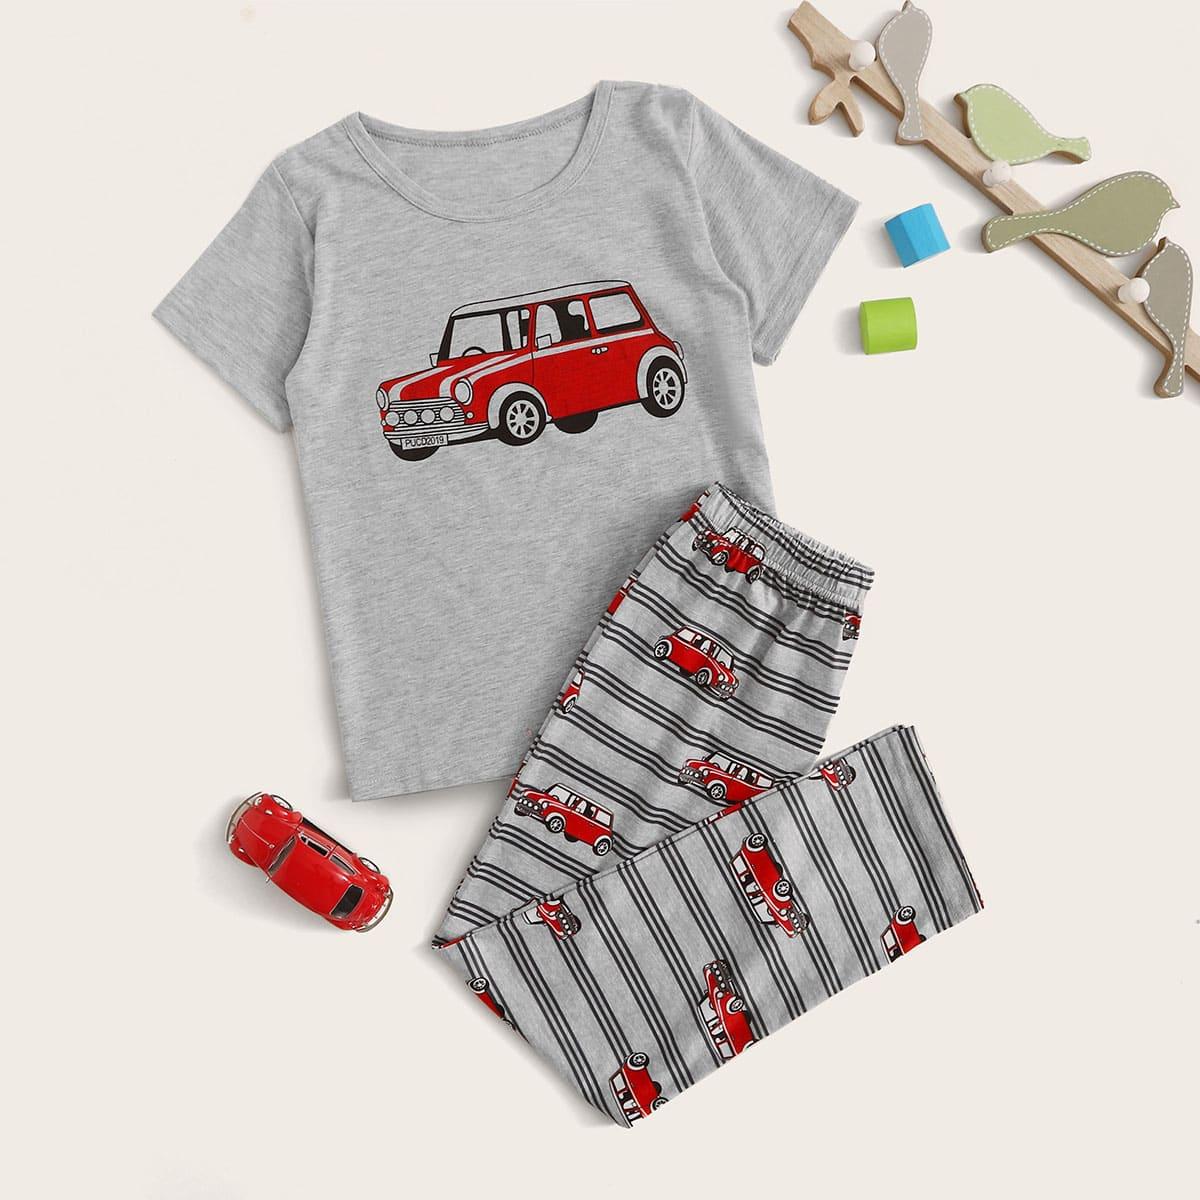 Пижама с принтом мультяшной машины для мальчиков от SHEIN